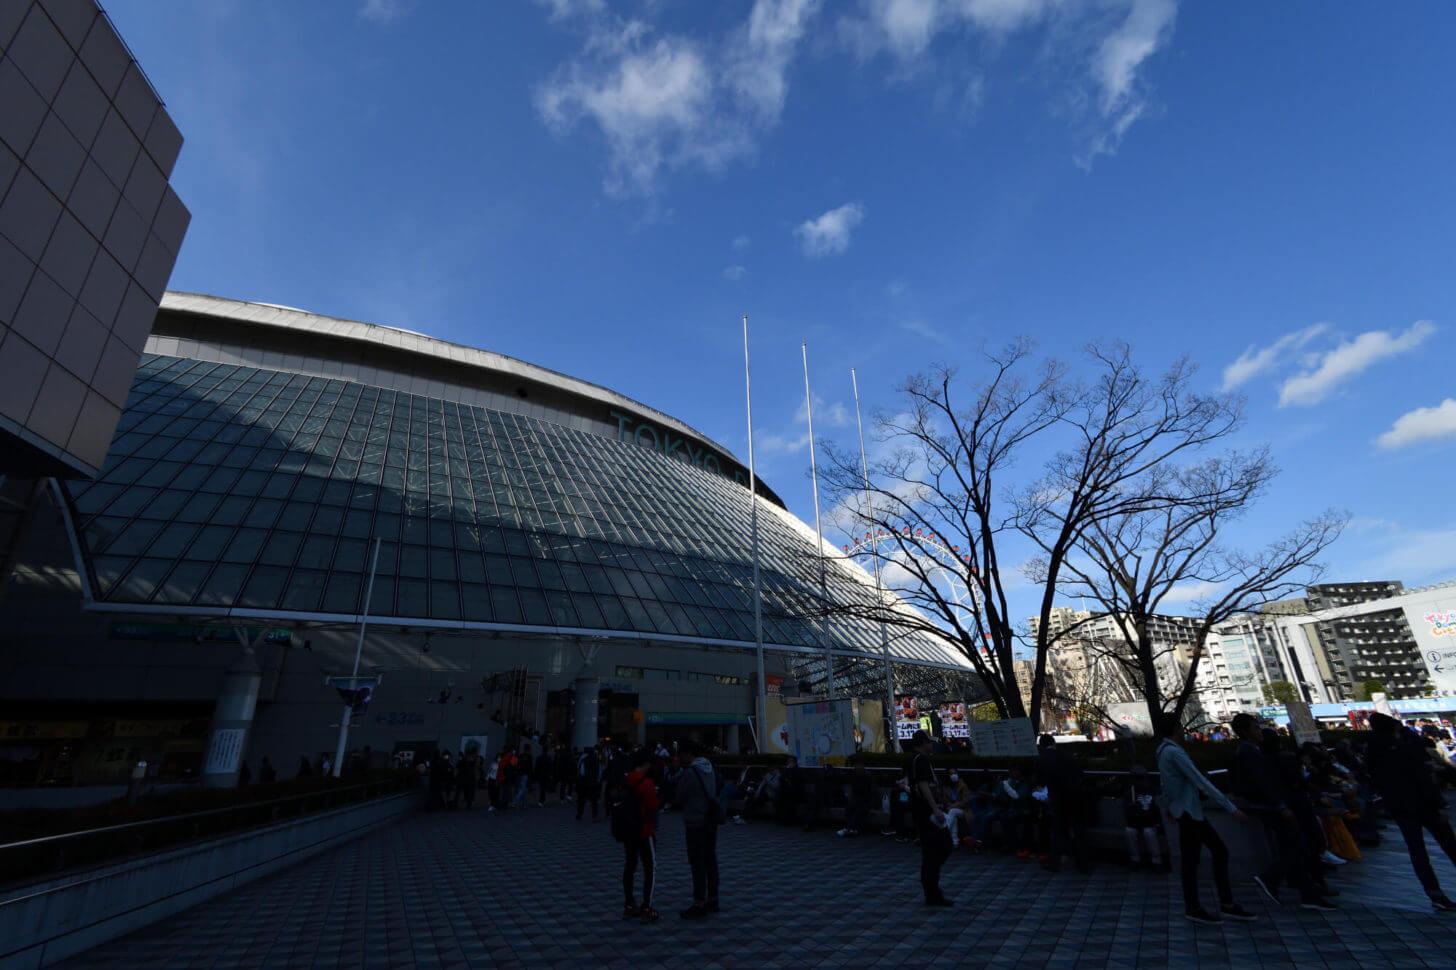 イチロー引退試合の日の東京ドーム外観